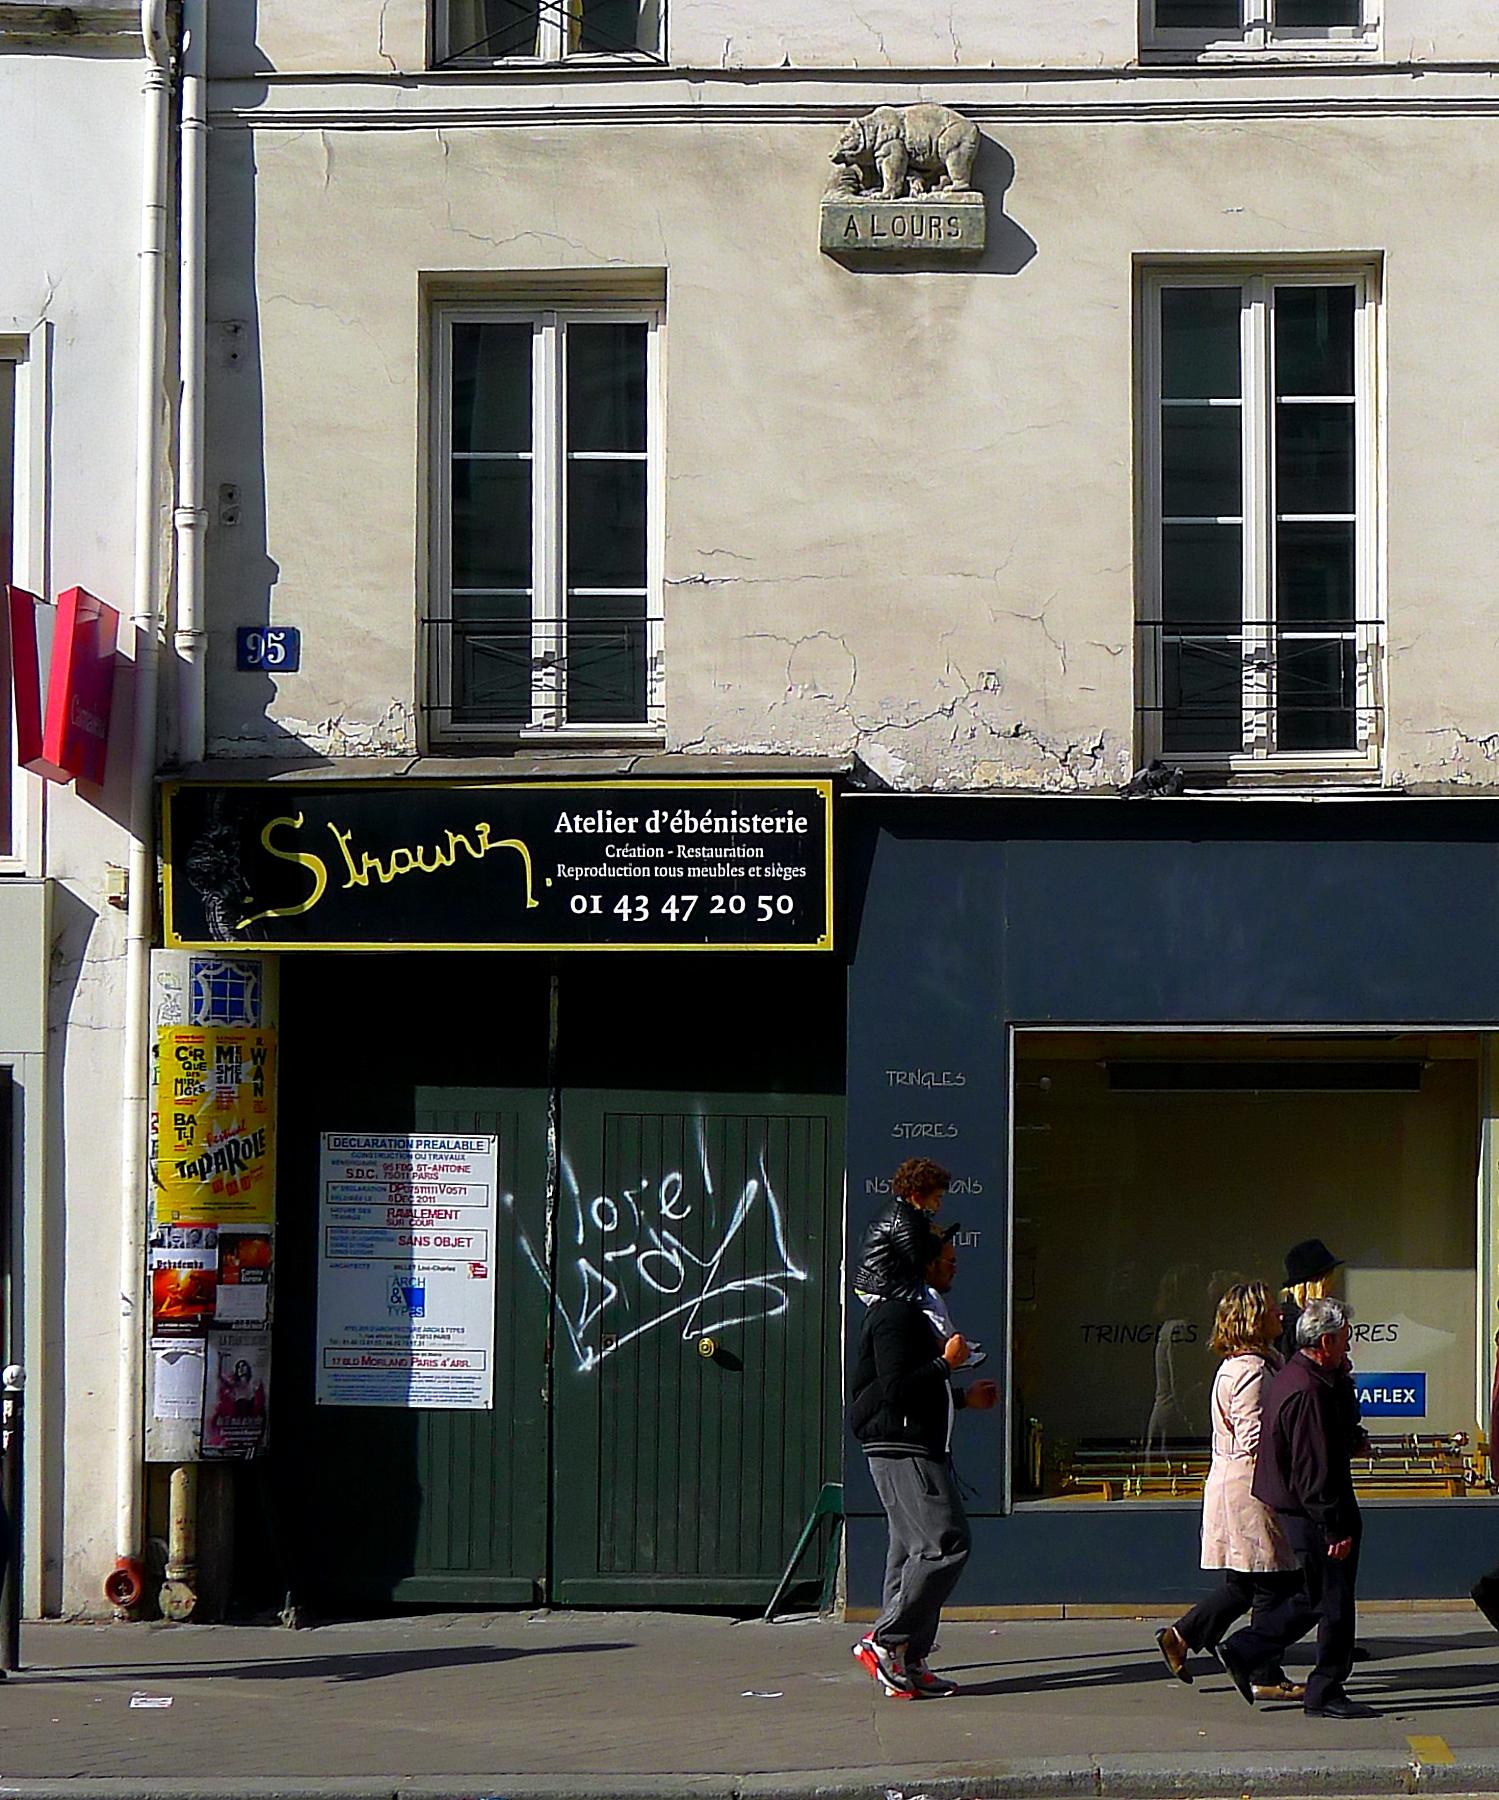 Fichier p1100339 paris xi rue du faubourg saint antoine n 95 cour de l 39 ours rwk jpg wikigenweb - Paris rue du faubourg saint antoine ...